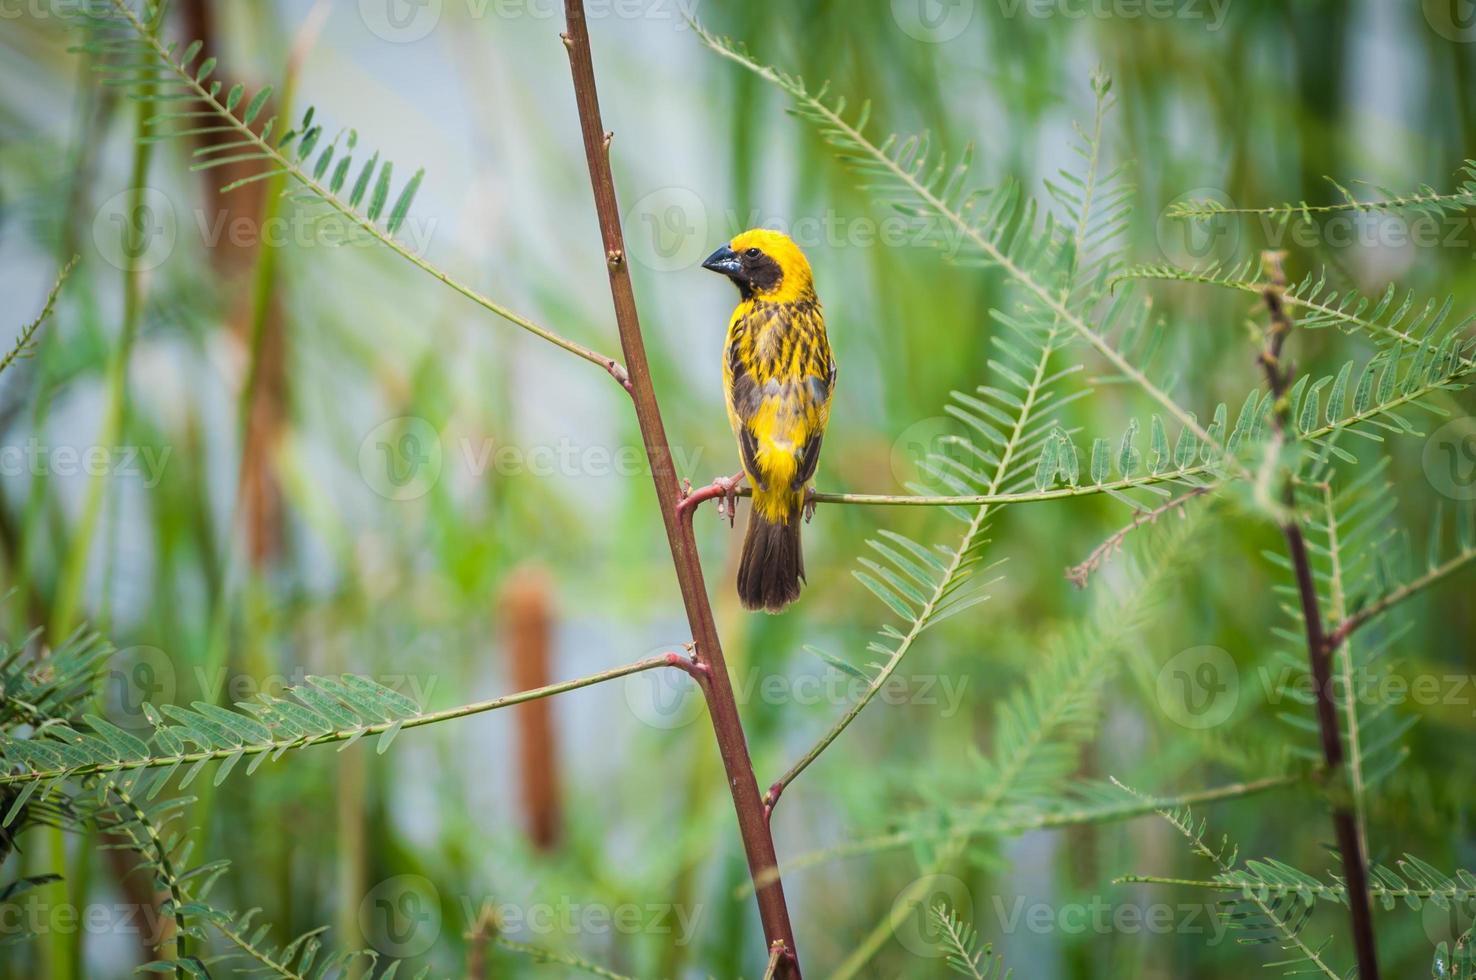 tessitore dorato asiatico, uccello maschio foto